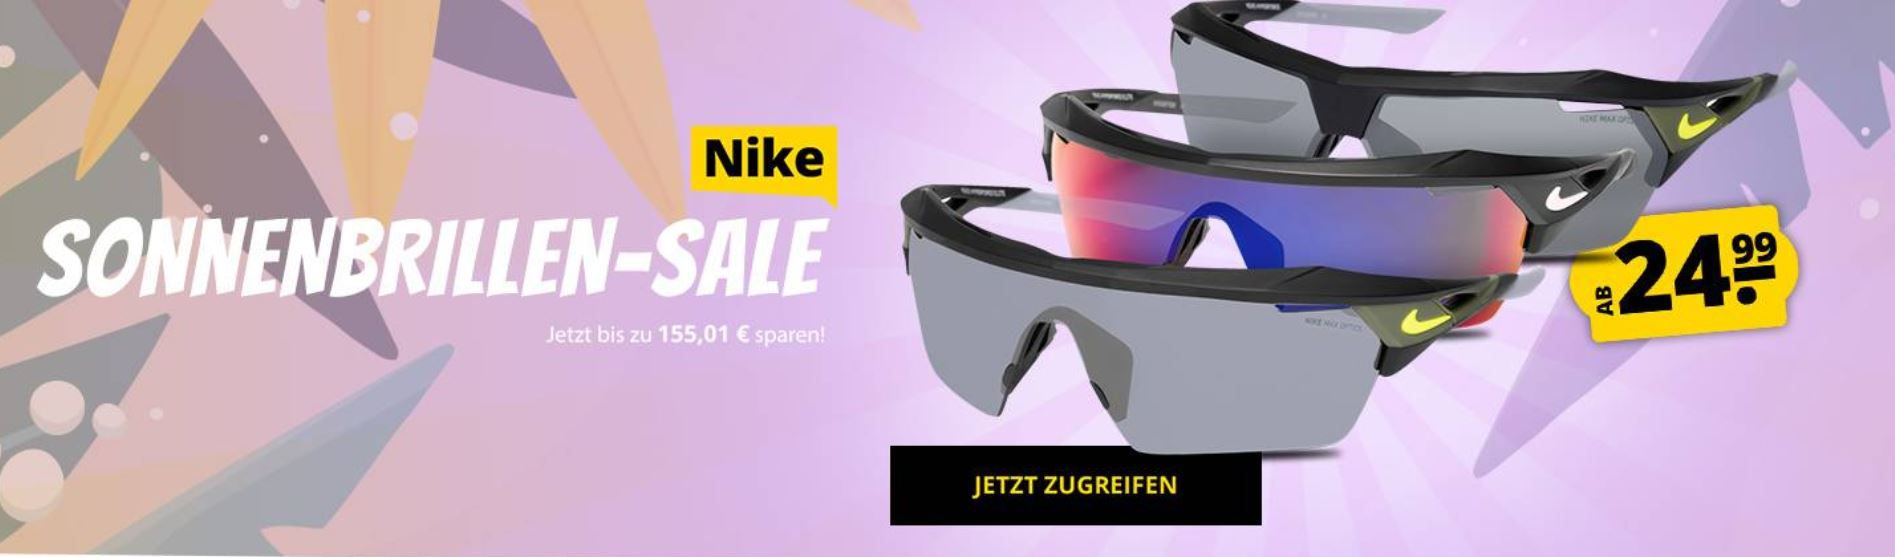 Nike (Sport) Sonnenbrillen ab 24,99€ (statt teilweise 90€) oder Calvin Klein ab 36,99€